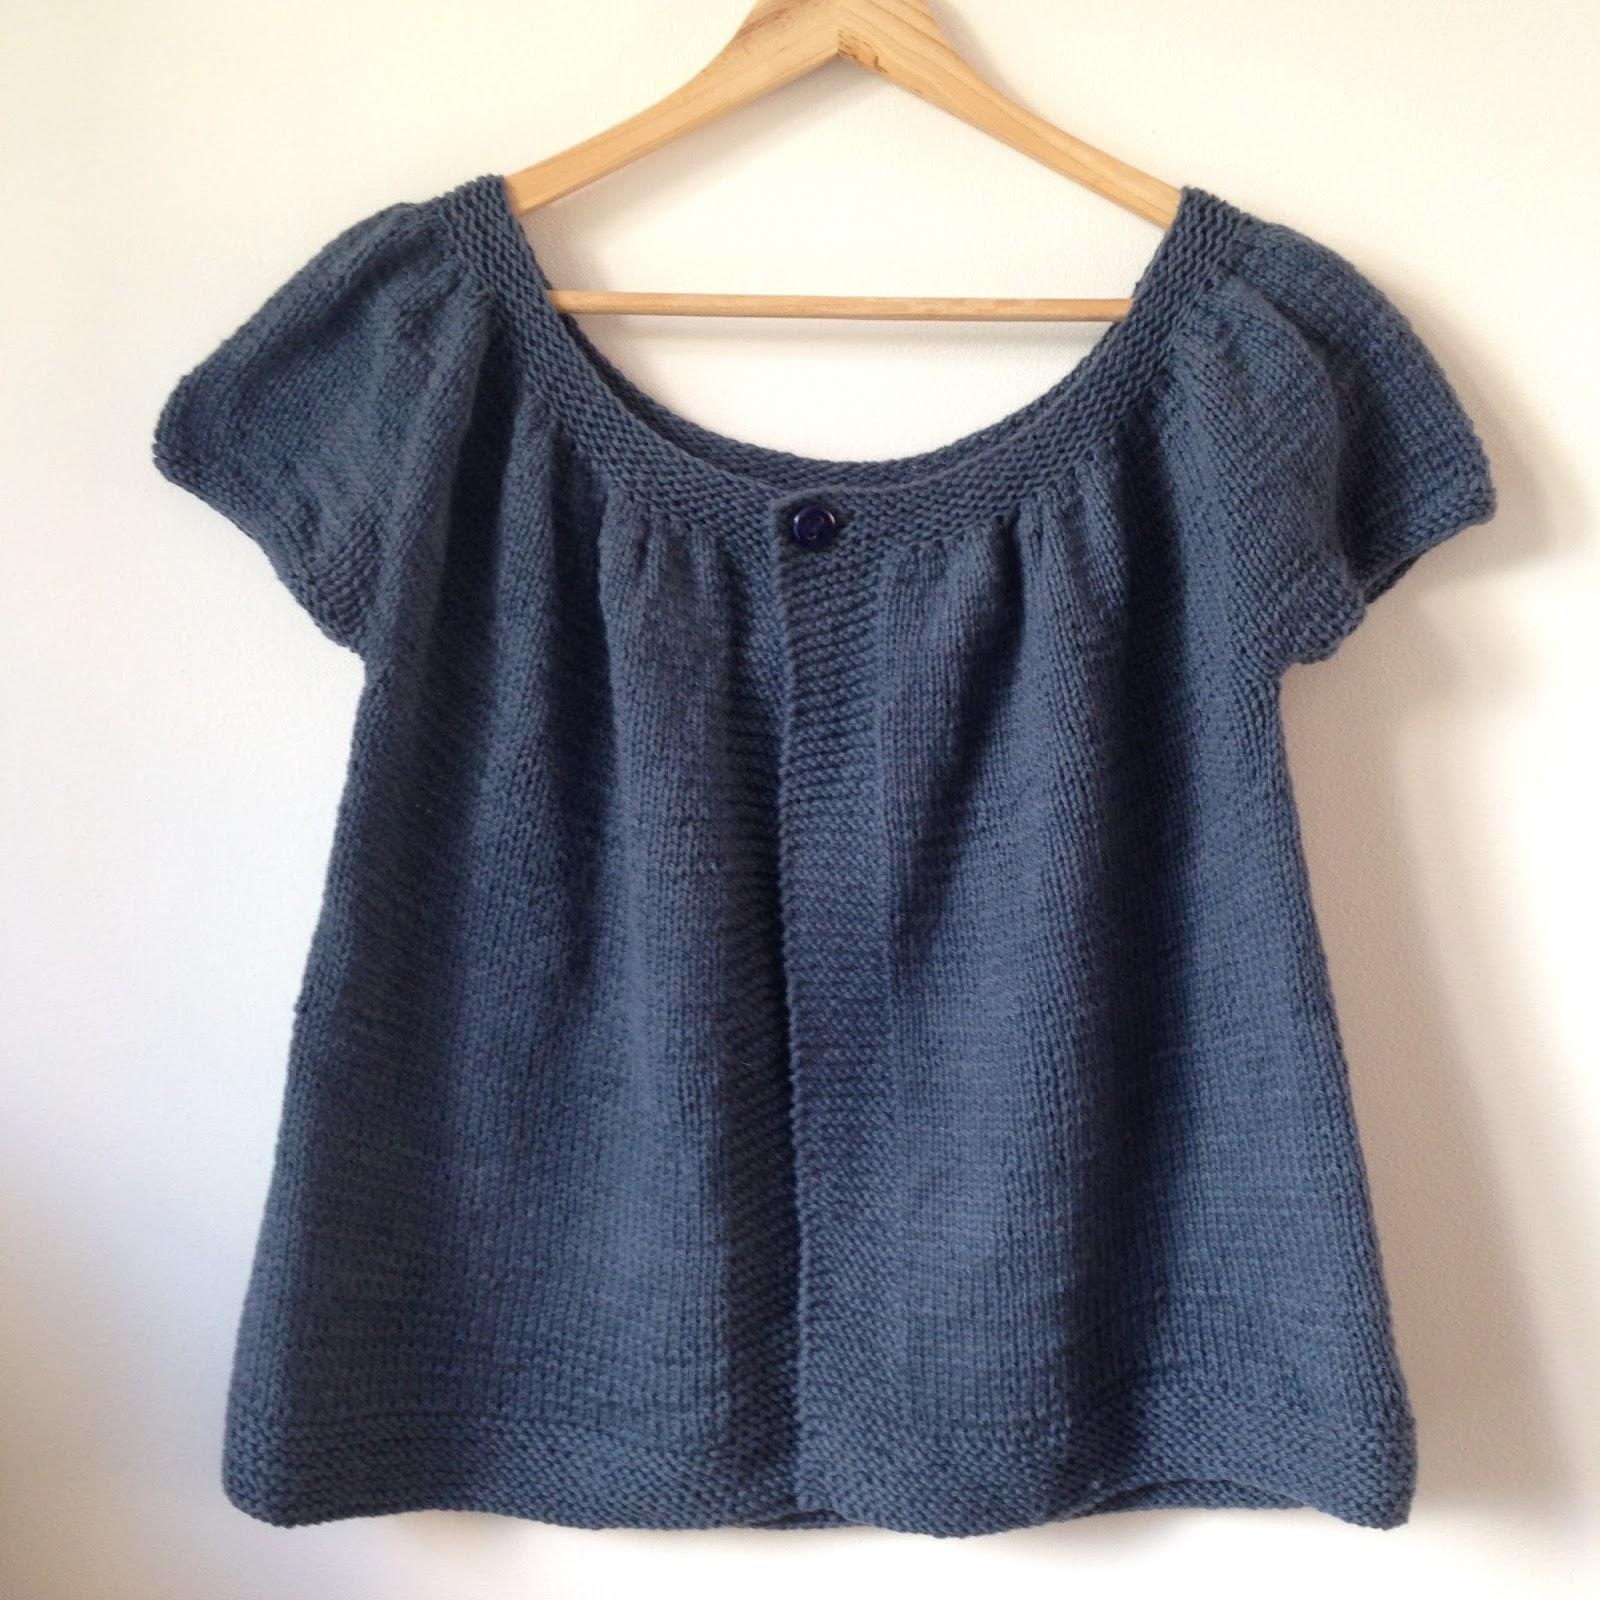 Aufildesenvies mod le gratuit de gilet tricot lady kina te revoil - Cote 2 2 tricot ...